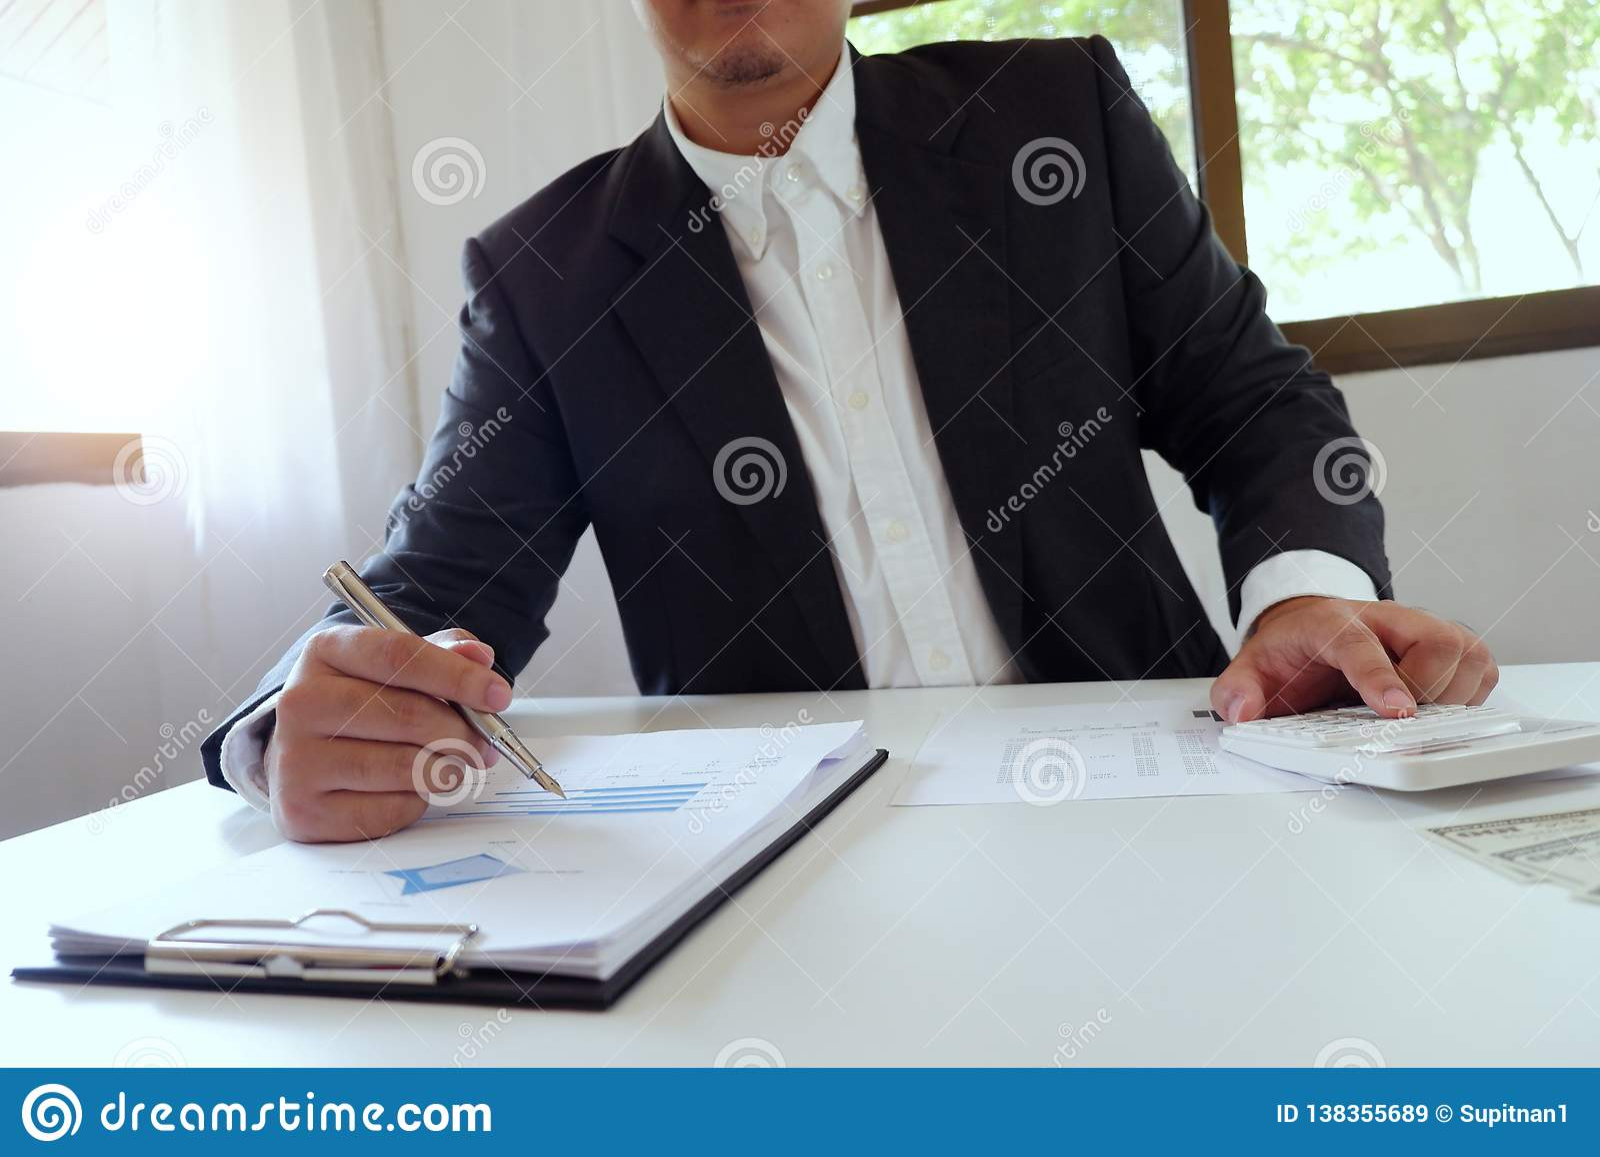 Homem de negócios que trabalha no escritório usando a calculadora com documento na mesa